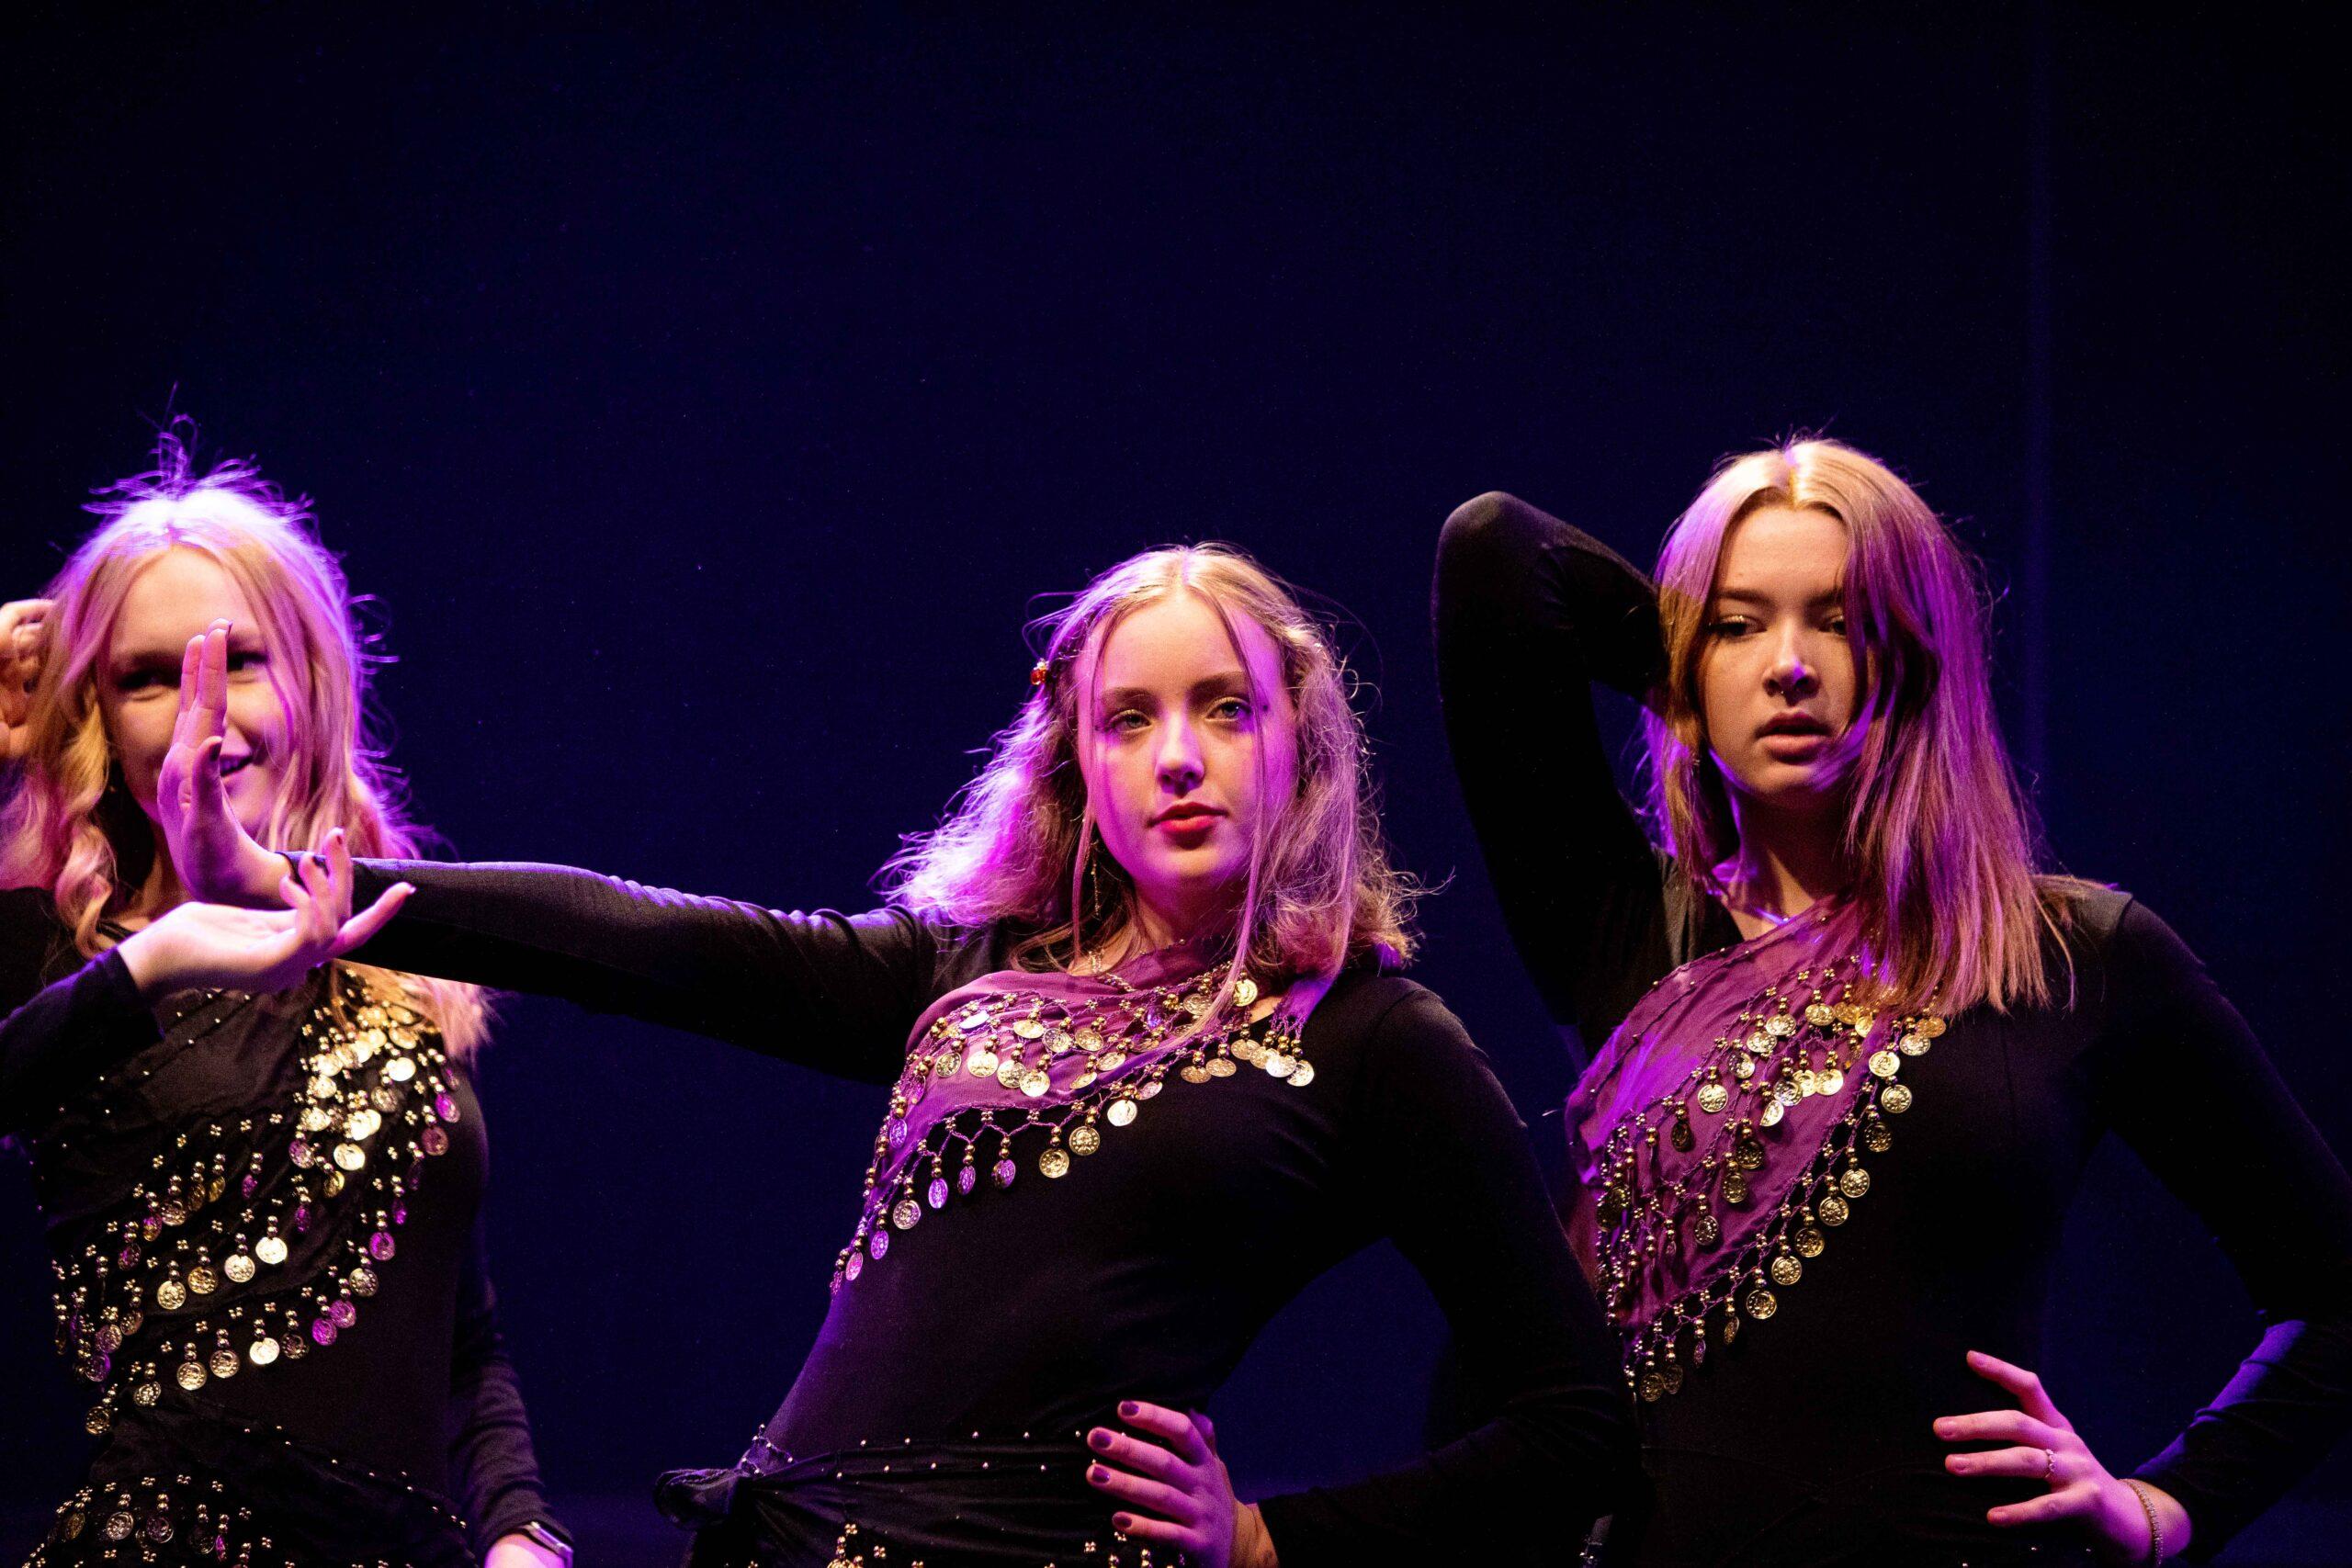 Dans til performance festival